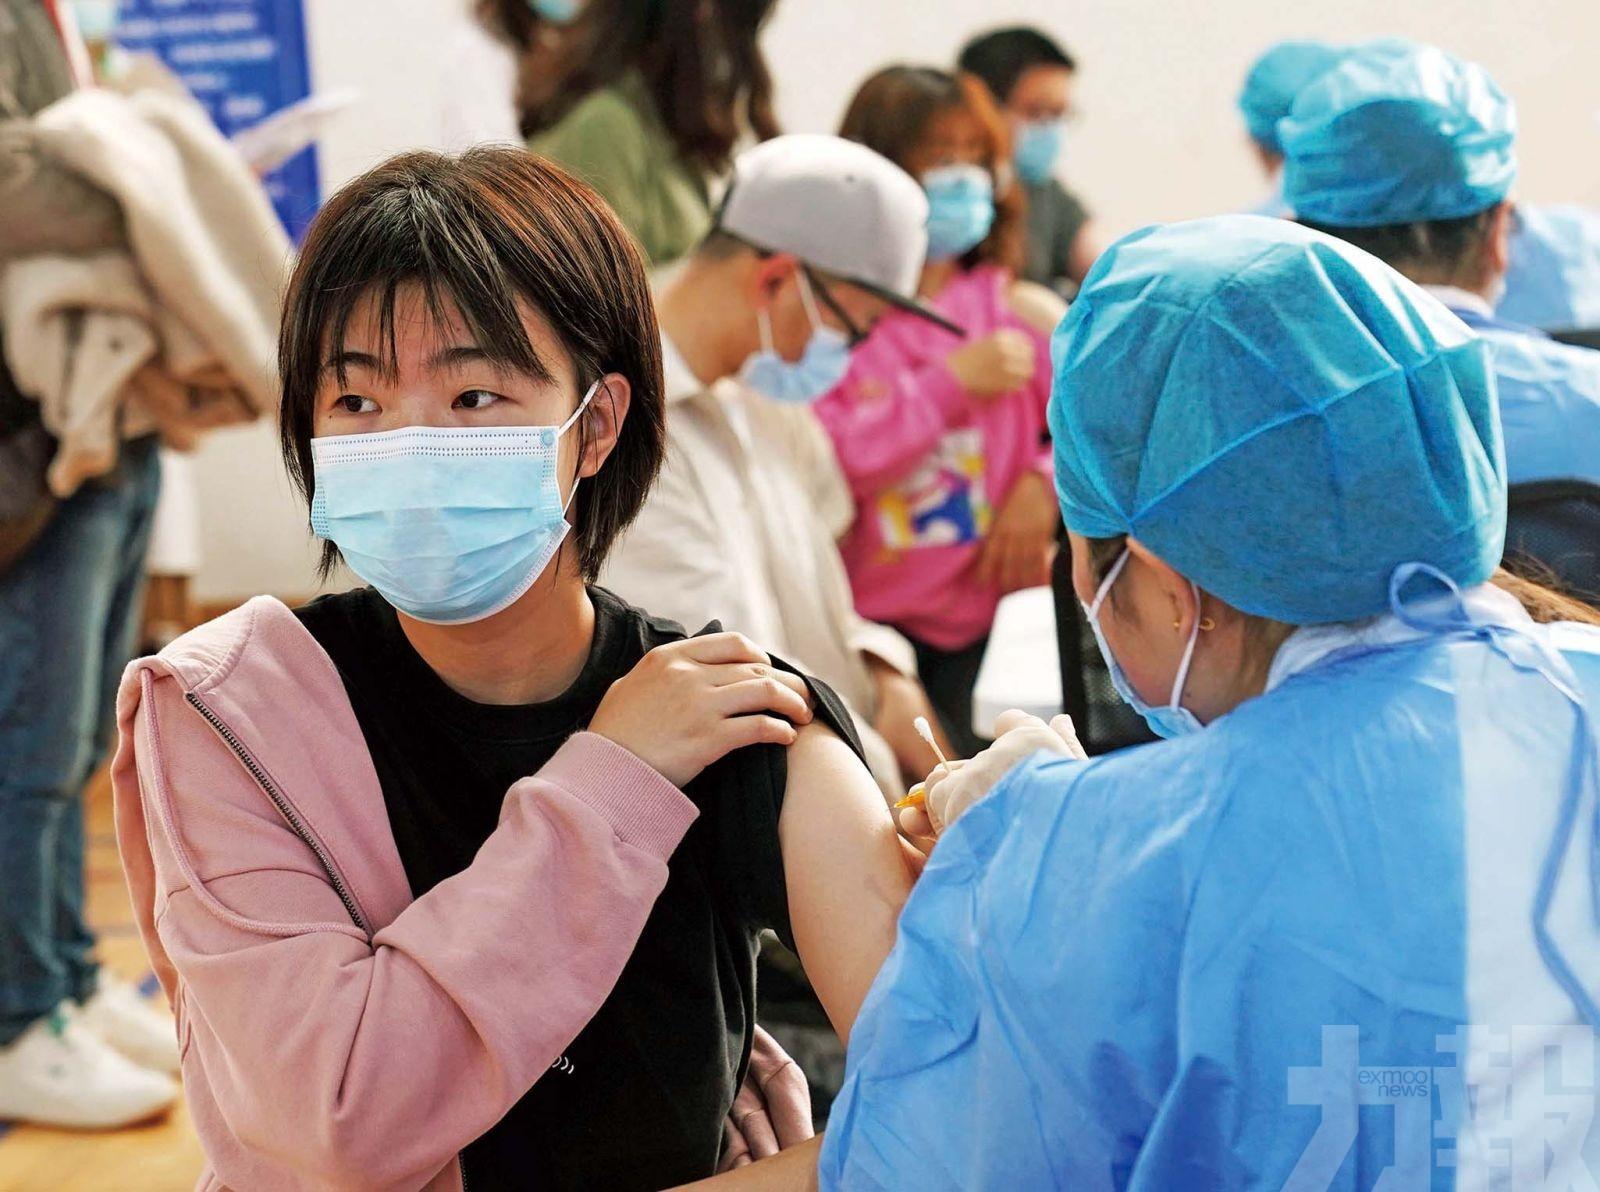 以往感染者可半年後接種一劑疫苗